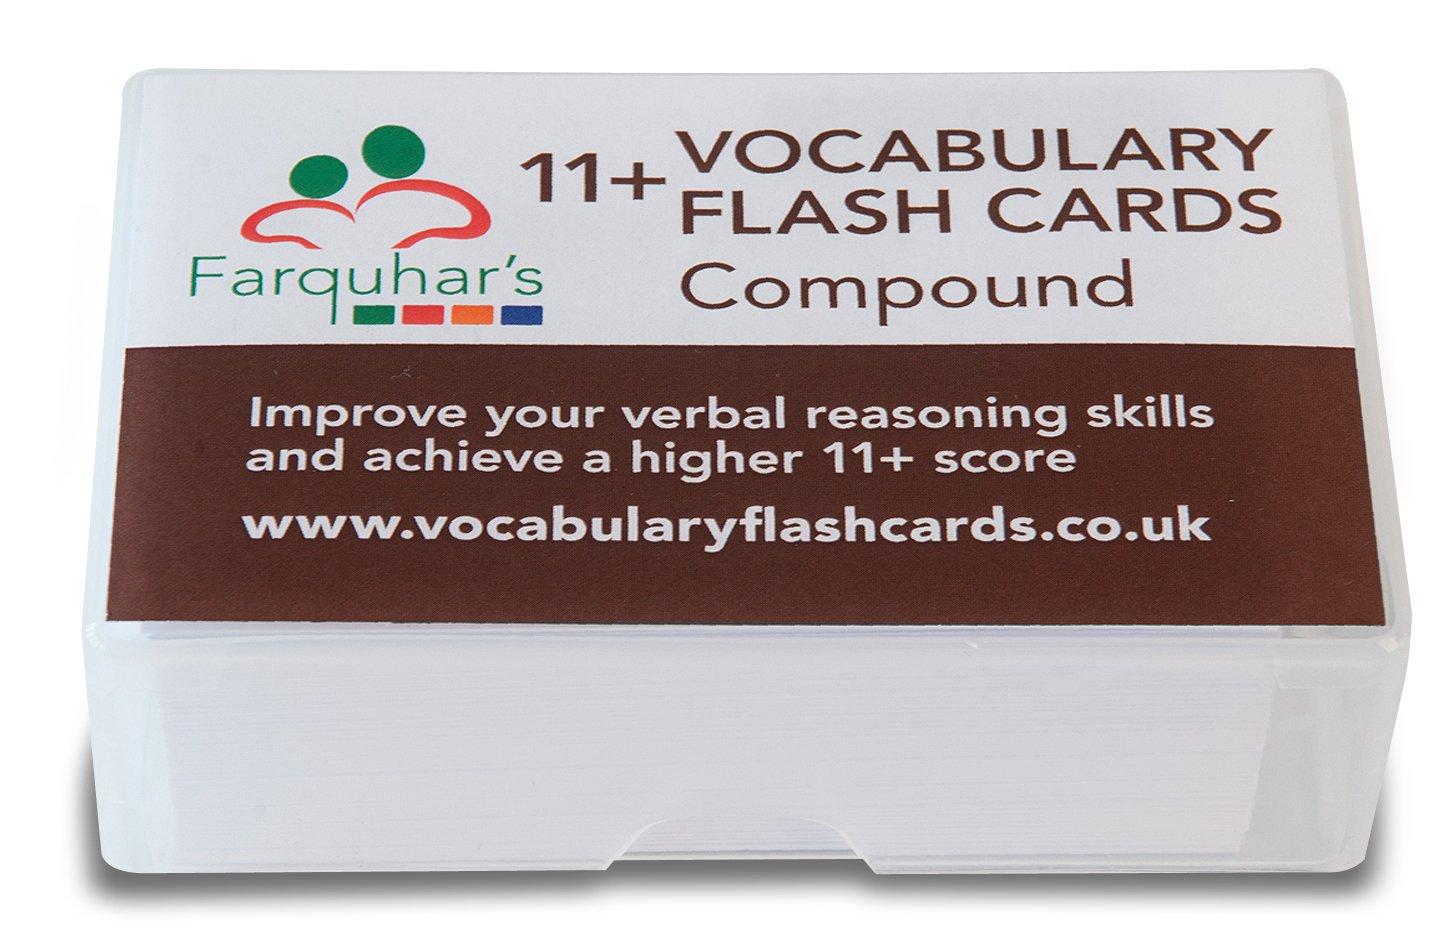 11+ Vocabulary Flash Cards - Compound